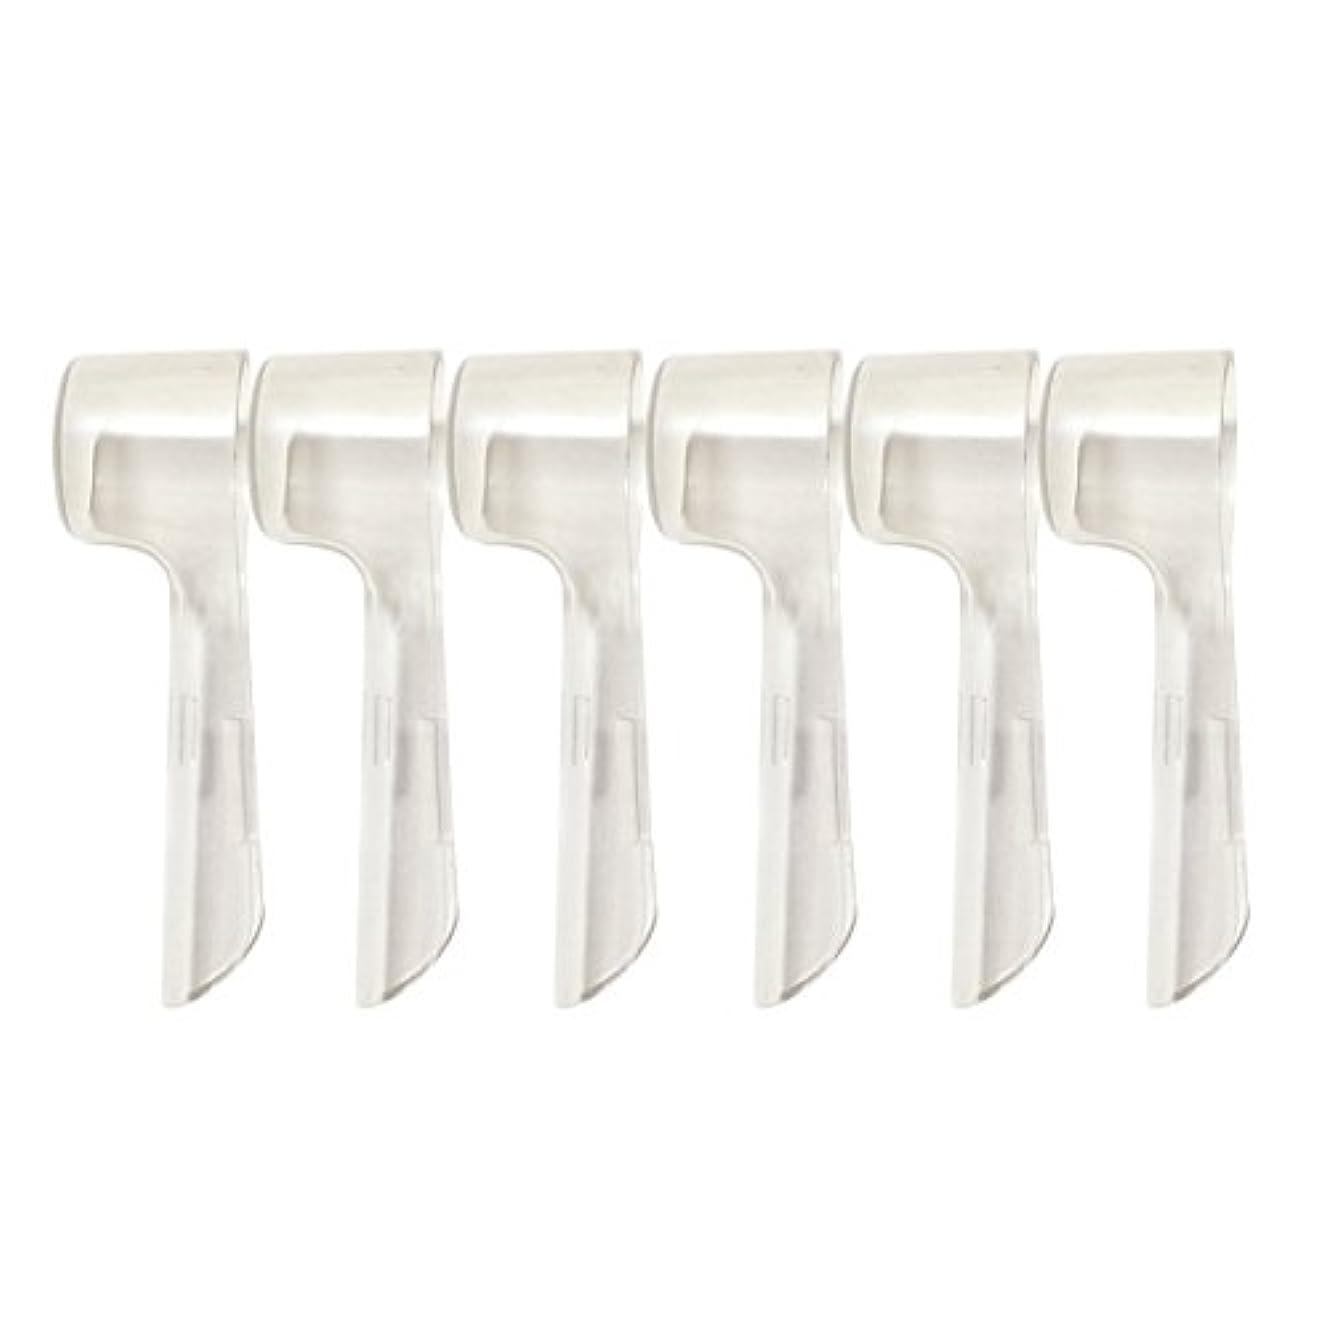 最愛のオークランドぺディカブSUPVOX 旅行のために便利な電動歯ブラシのための6本の歯ブラシヘッドカバー